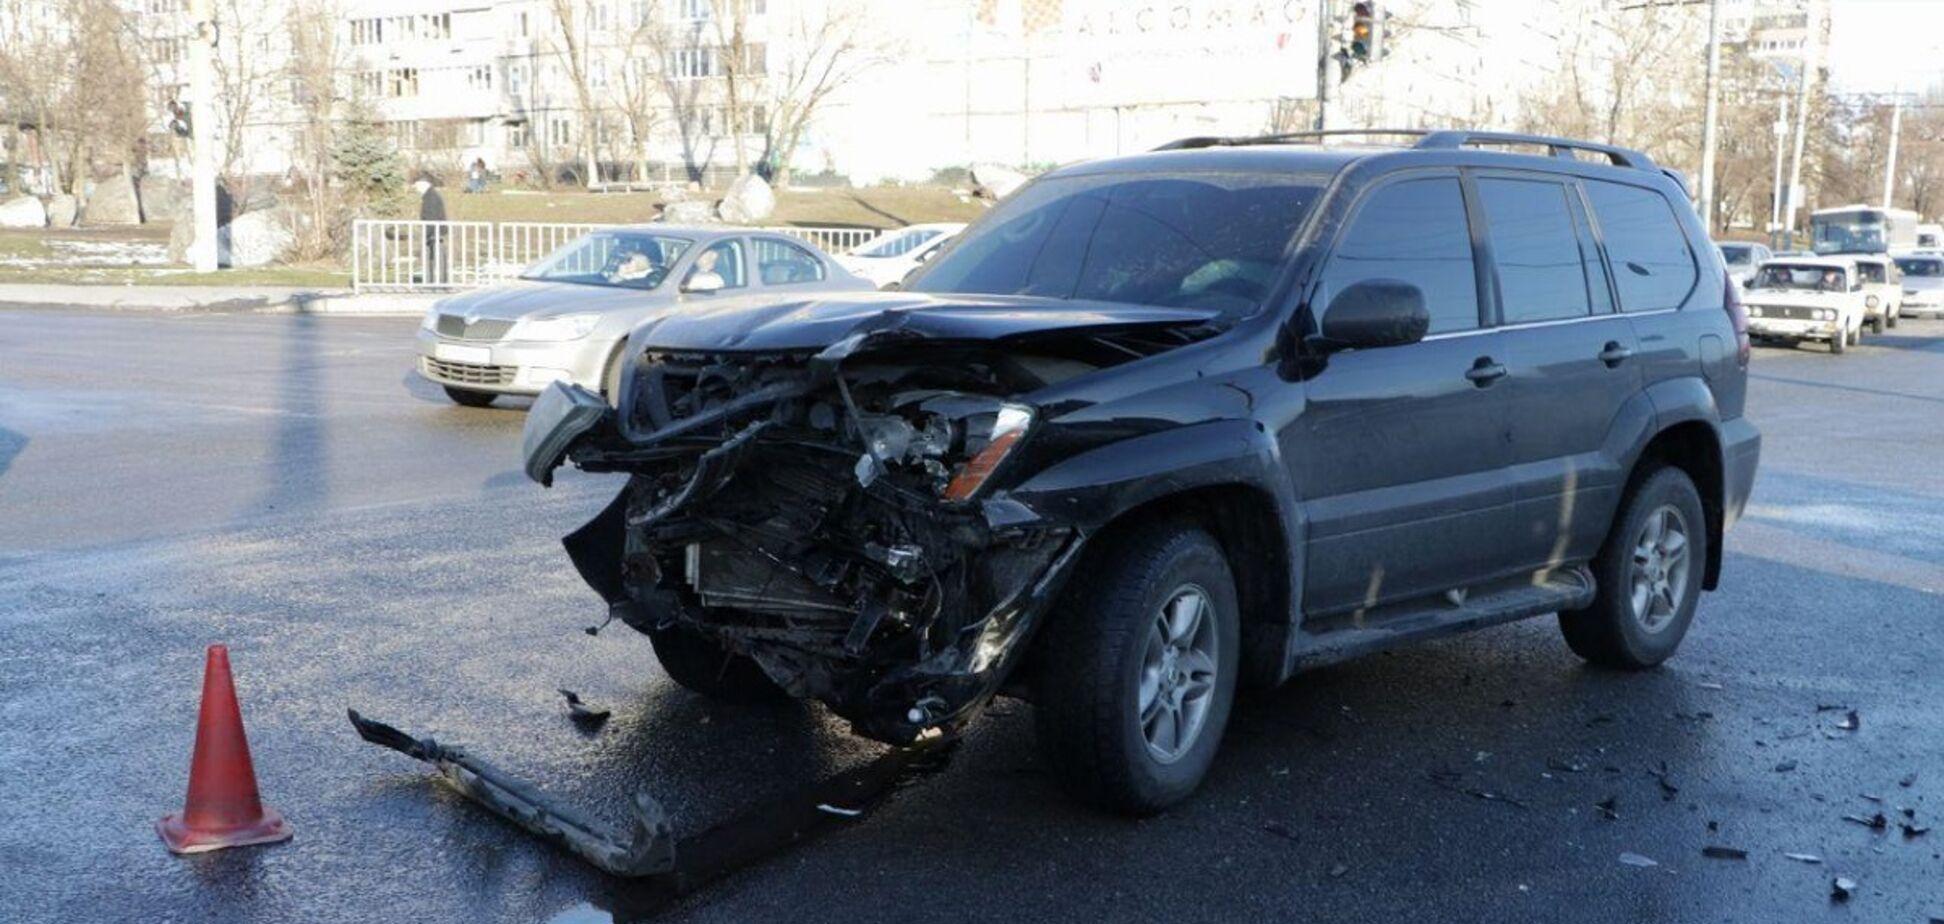 В Днепре автомобиль врезался в автобус с пассажирами: пострадал ребенок. Видео